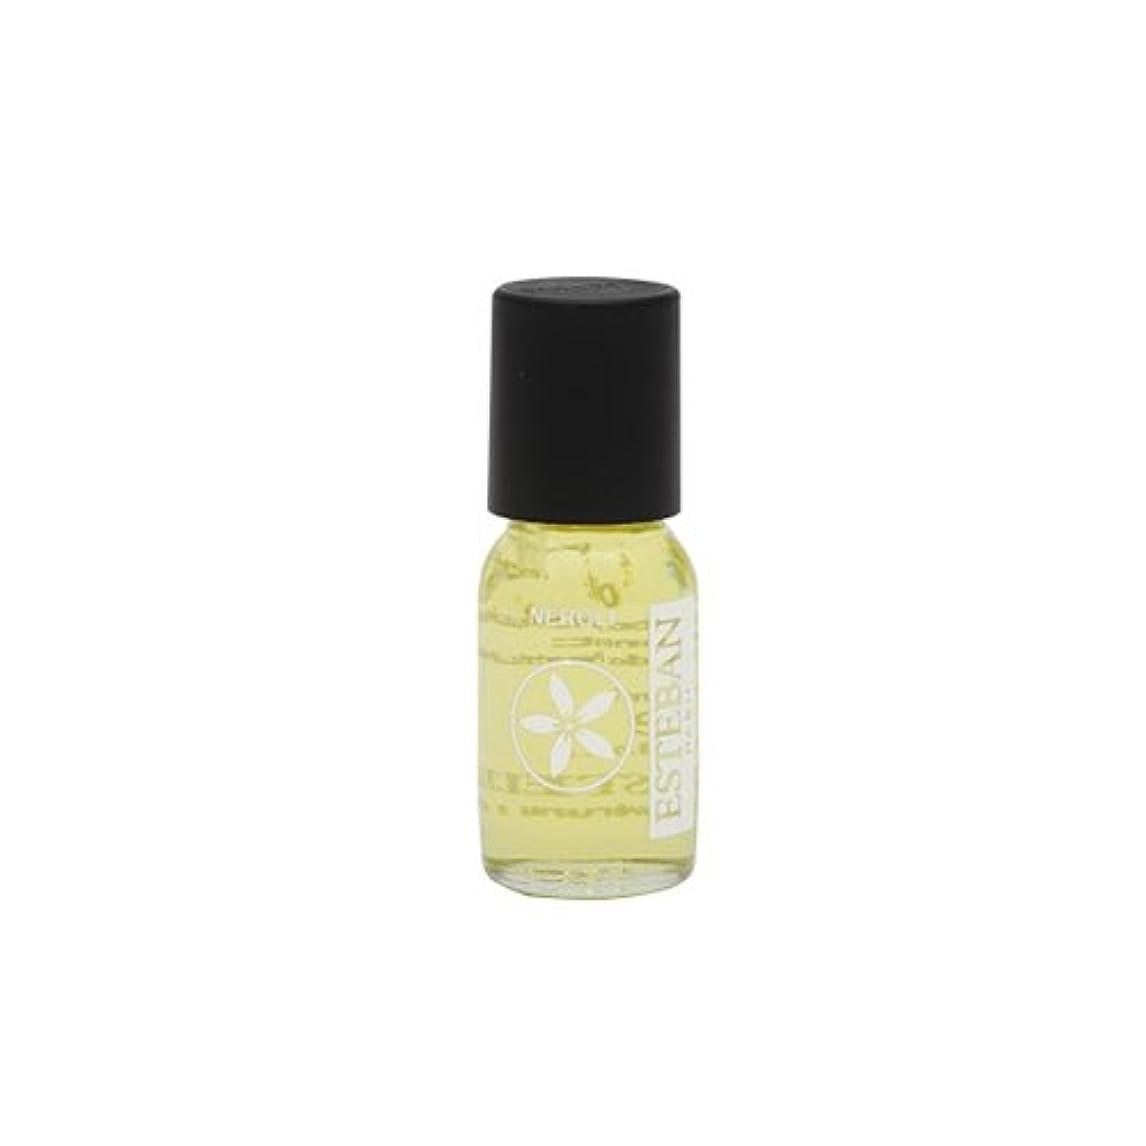 上にオーストラリア人受益者日本香堂 ルームフレグランス ESTEBAN 【ネロリ】 香り補充用オイル